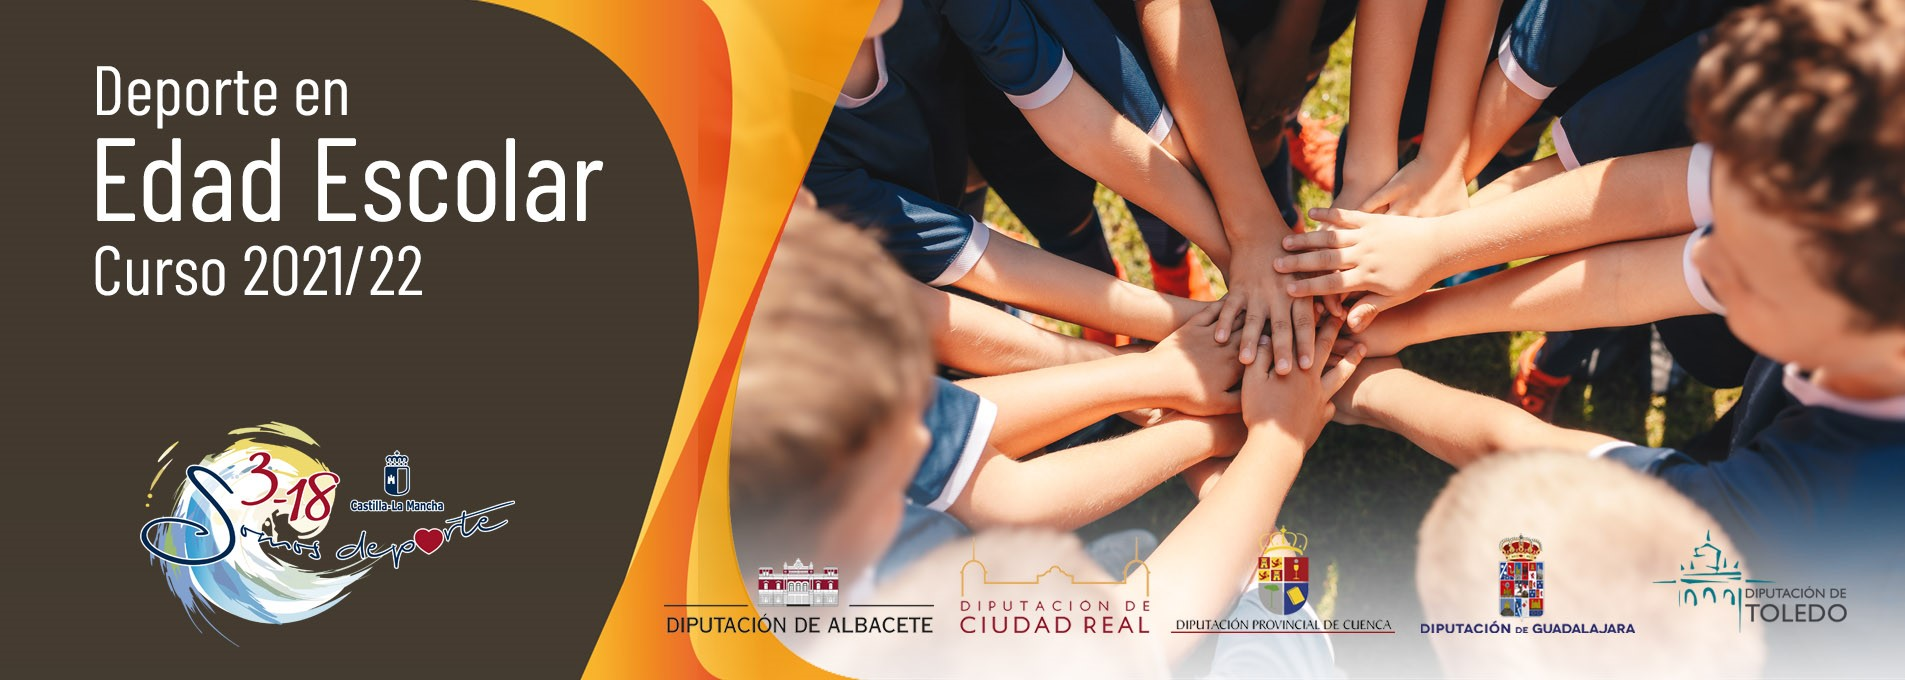 Convocatoria 2021-2022 de Deporte en Edad Escolar